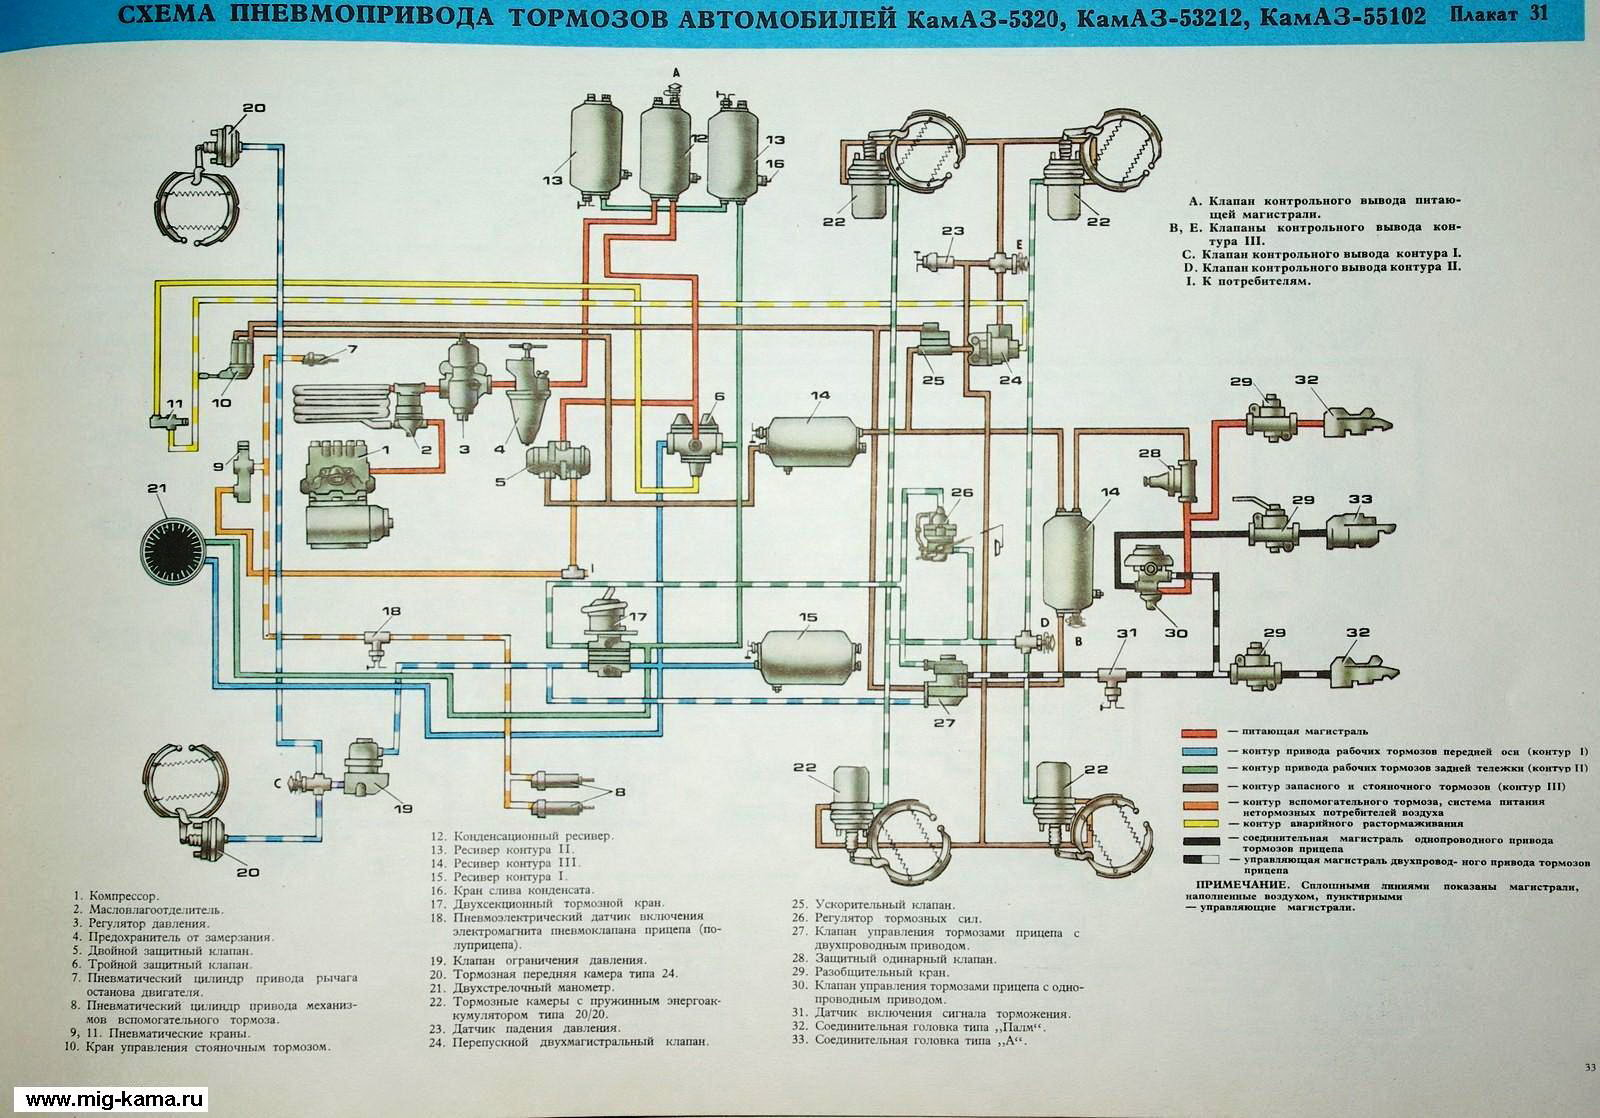 камаз принципиальная электрическая схема